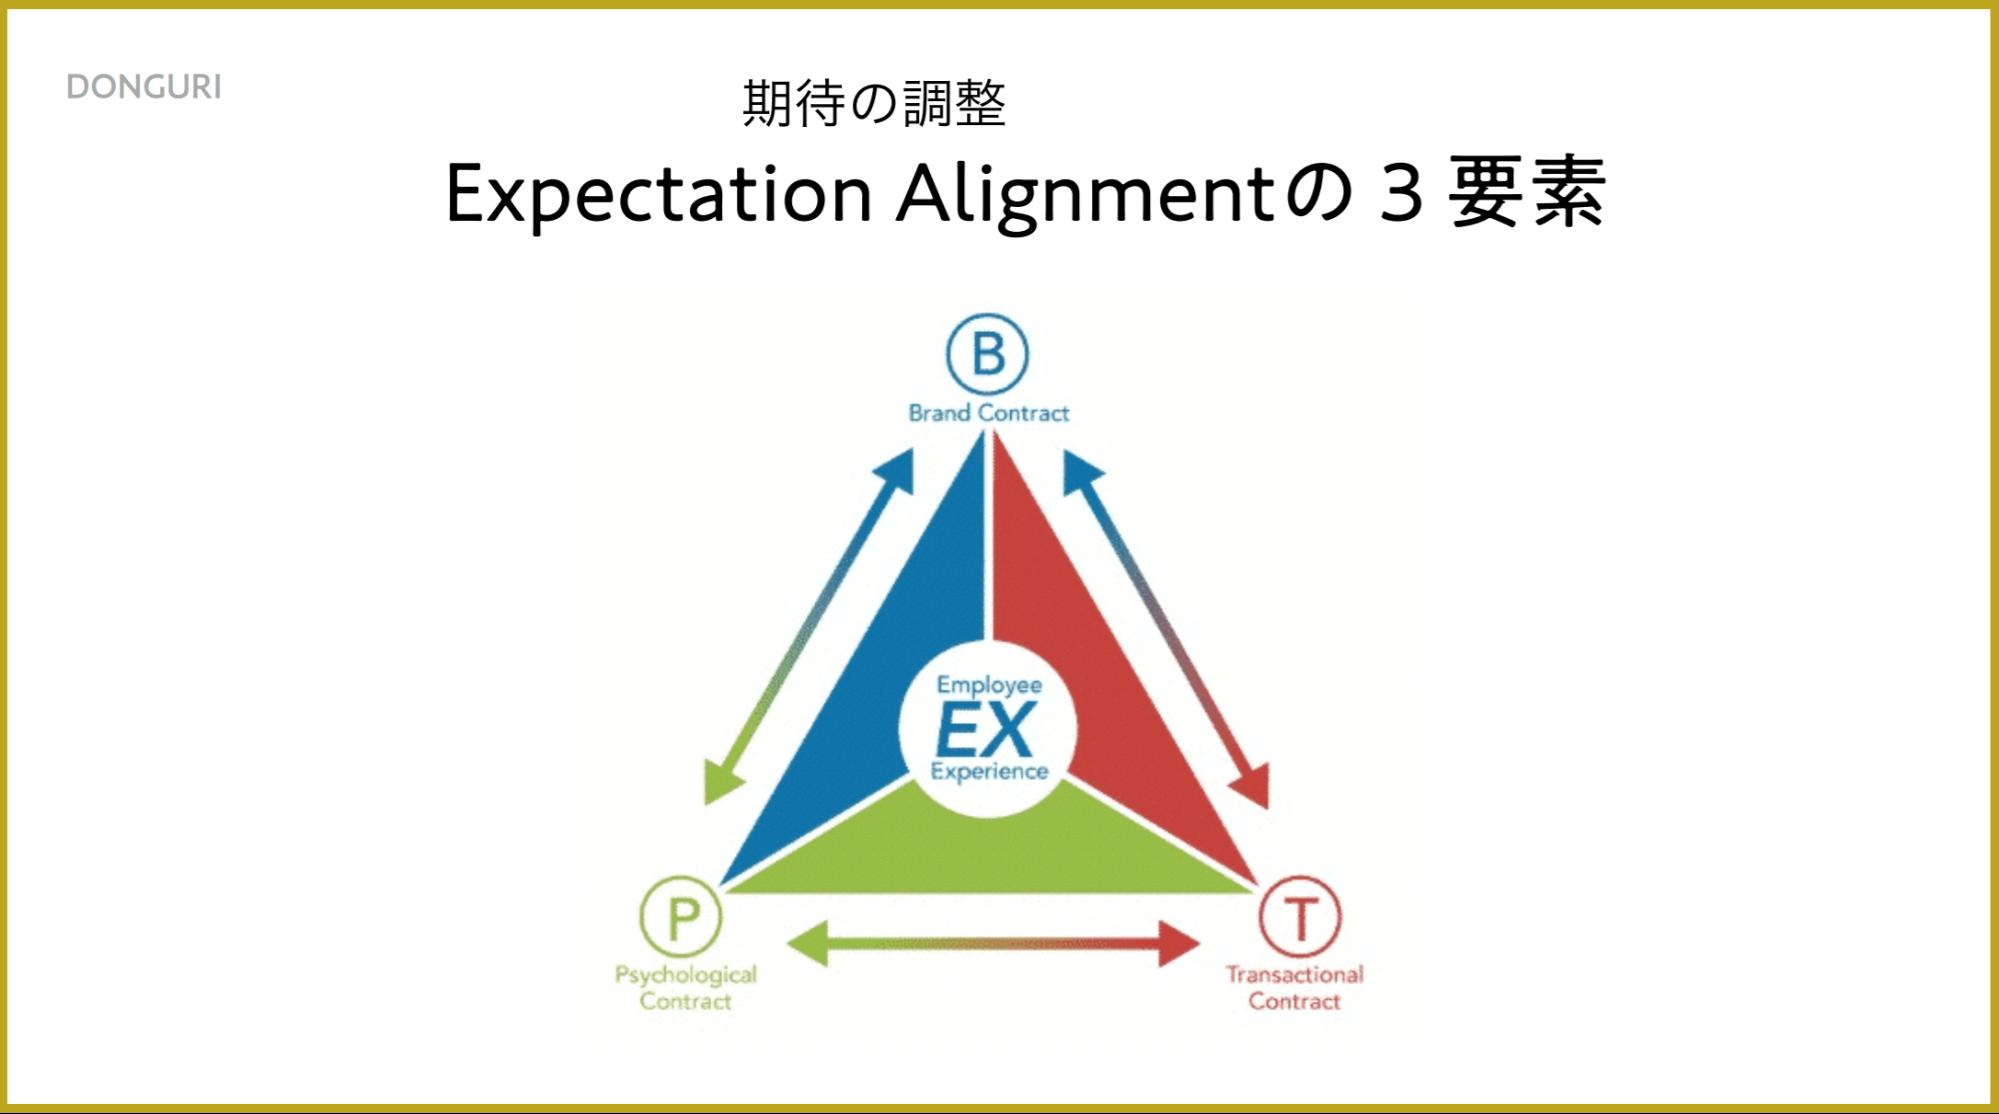 エンプロイーエクスペリエンス(EX)とは?企業における意味・定義、考え方と活かし方